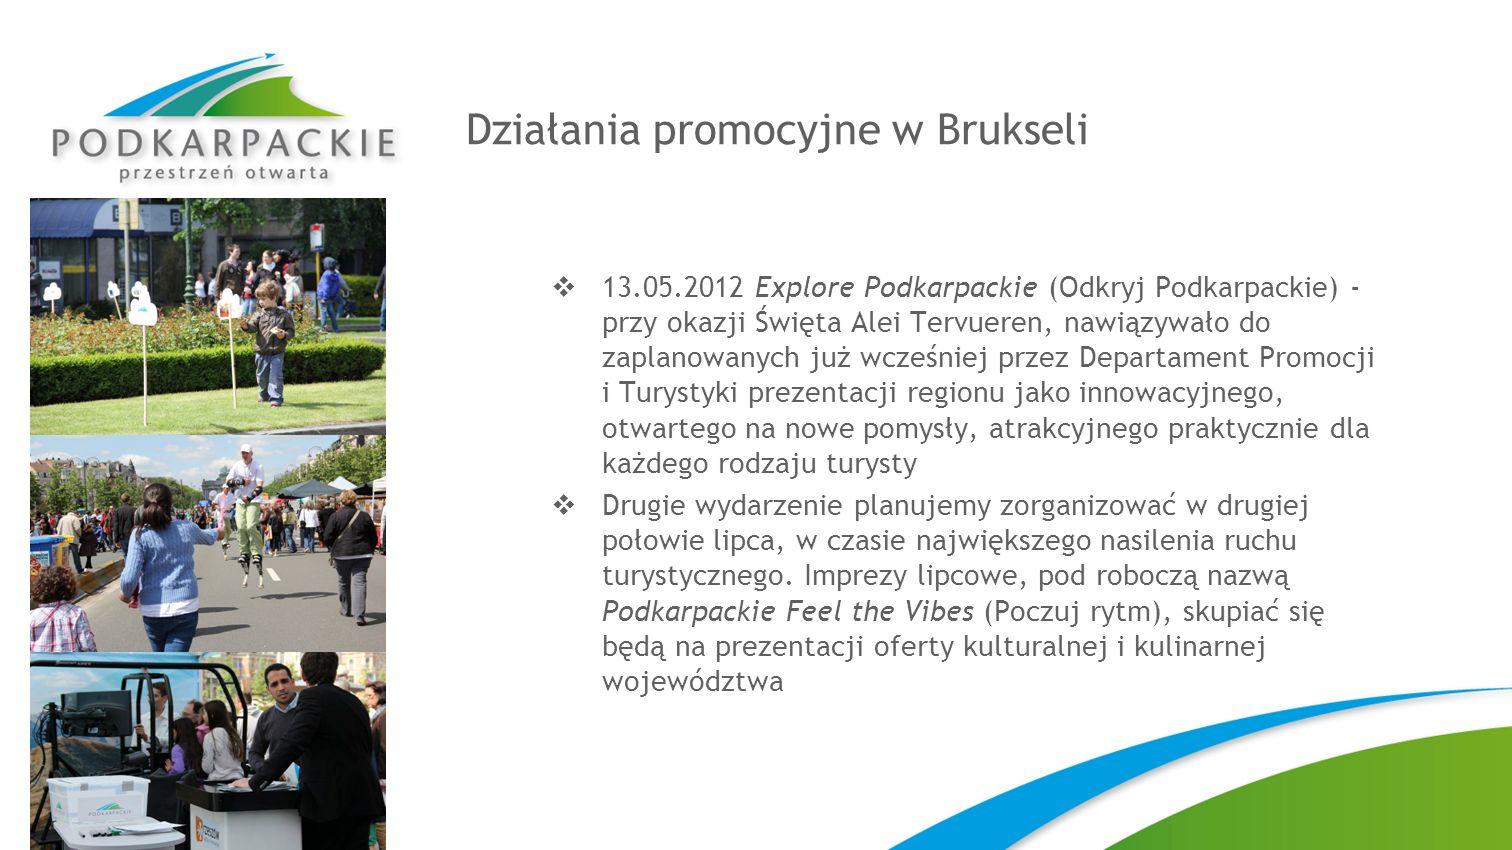 Działania promocyjne w Brukseli 13.05.2012 Explore Podkarpackie (Odkryj Podkarpackie) - przy okazji Święta Alei Tervueren, nawiązywało do zaplanowanyc